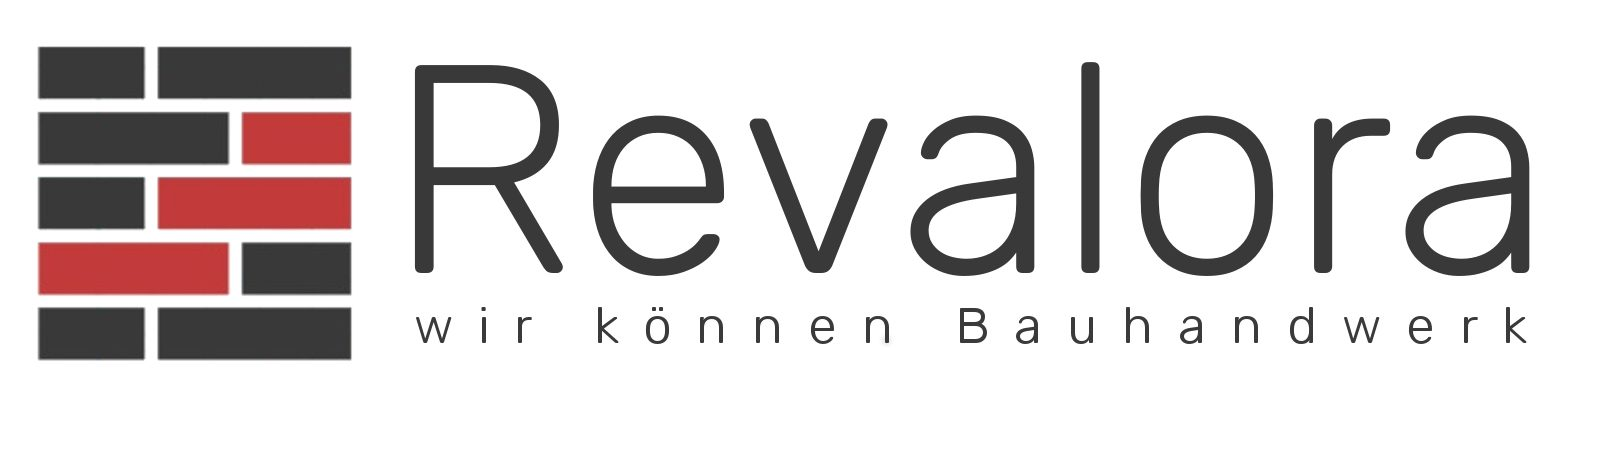 Revalora